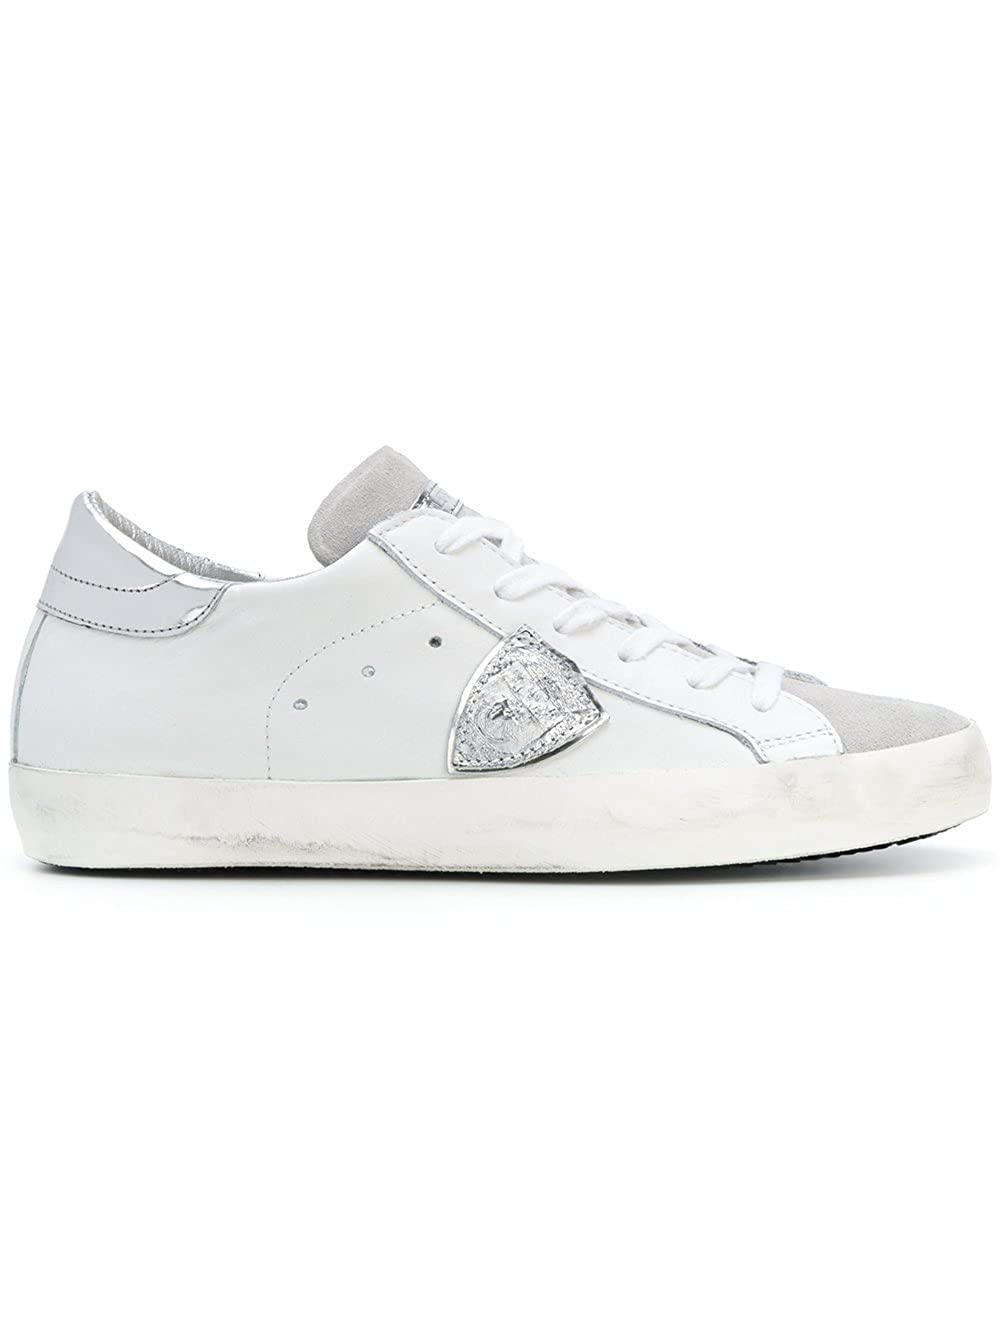 Philippe Model Mujer CLLD1005 Blanco Cuero Zapatillas 35 IT - Tamao de la Marca 35